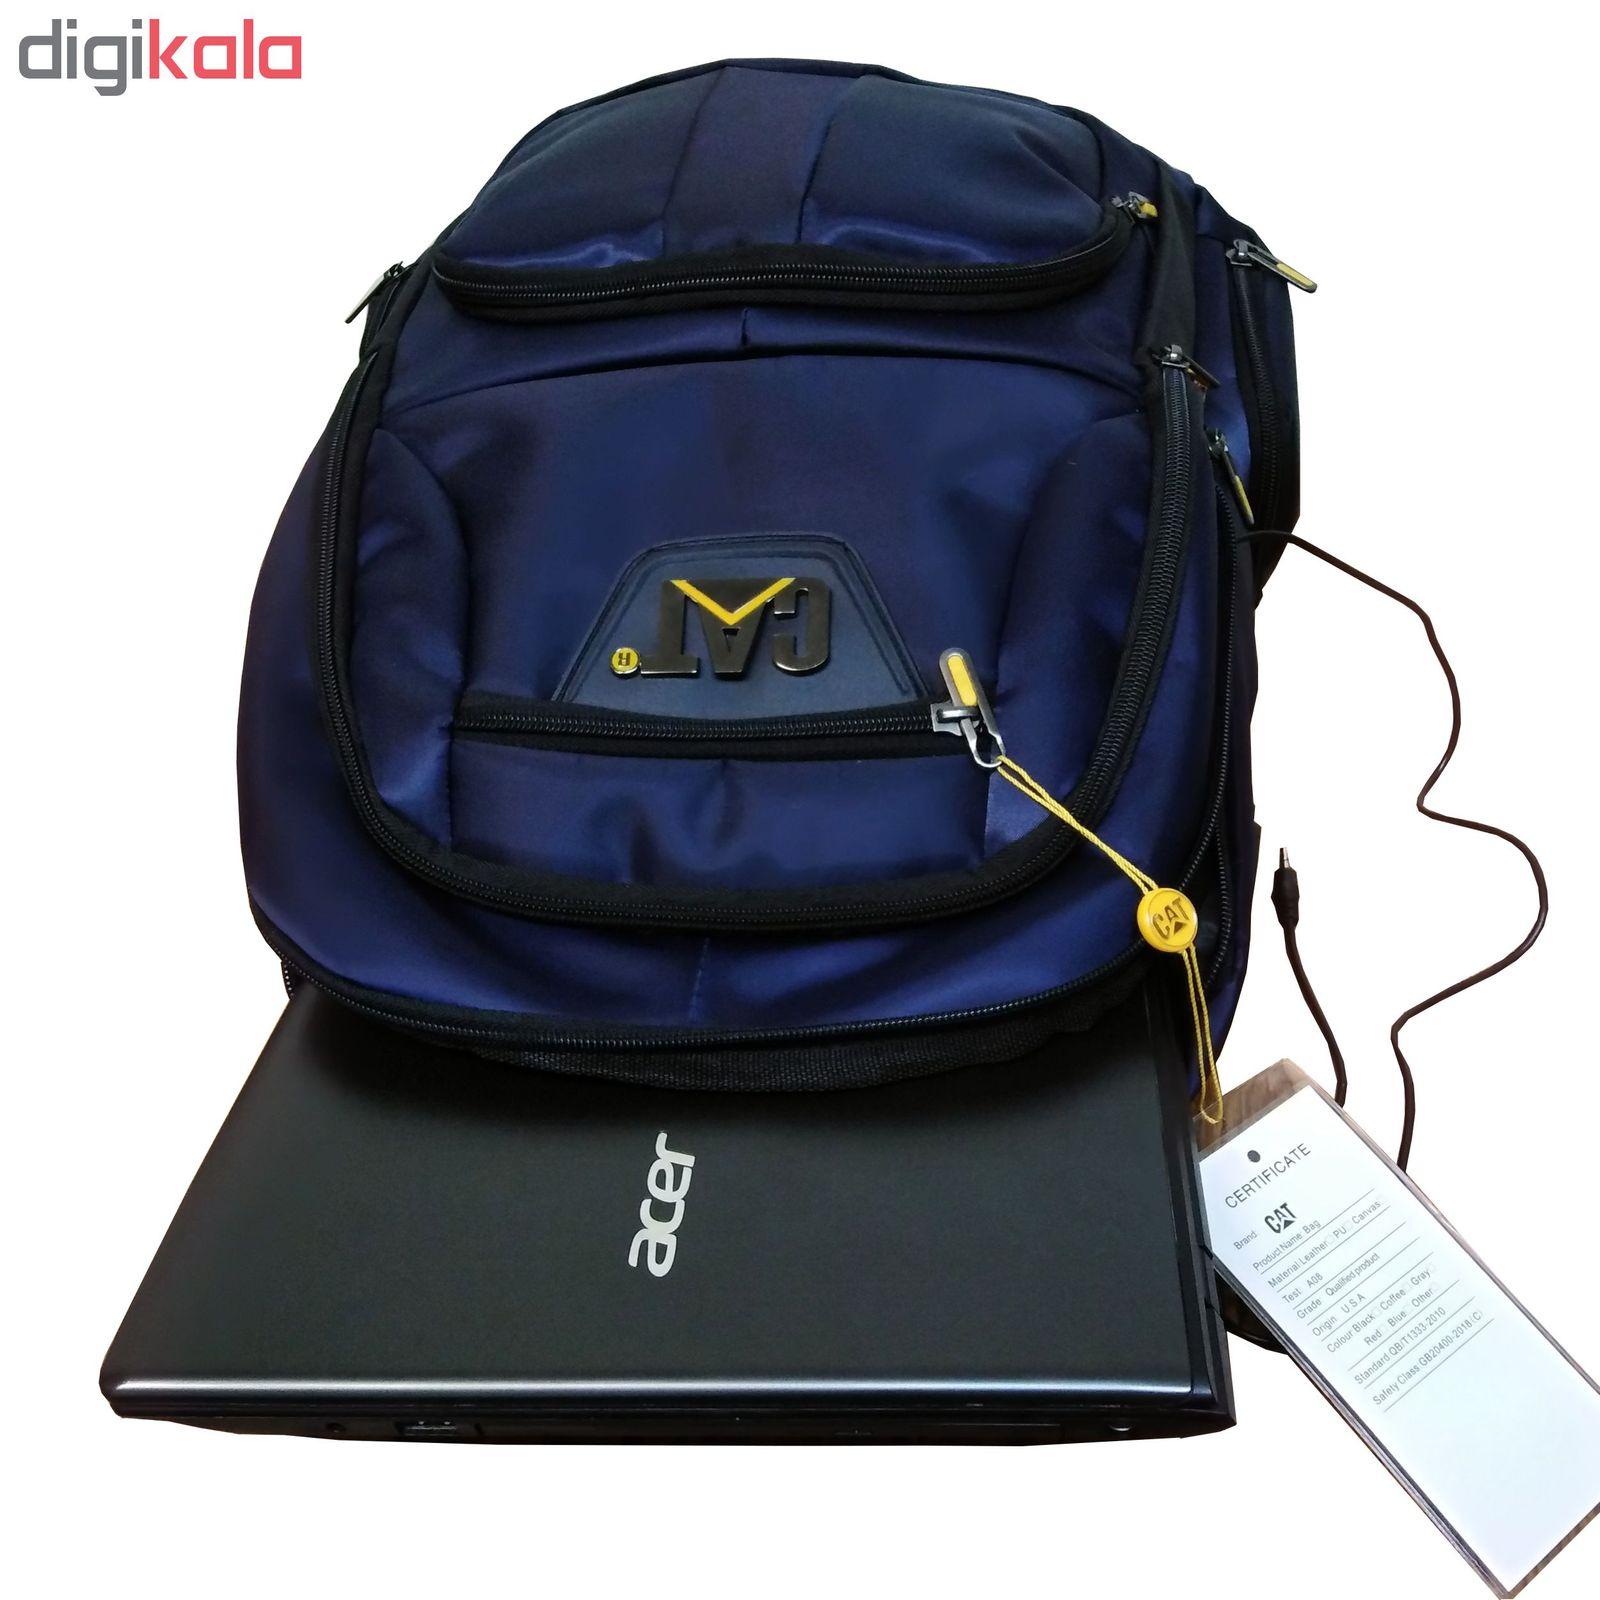 کوله پشتی مدل GB20400 main 1 2